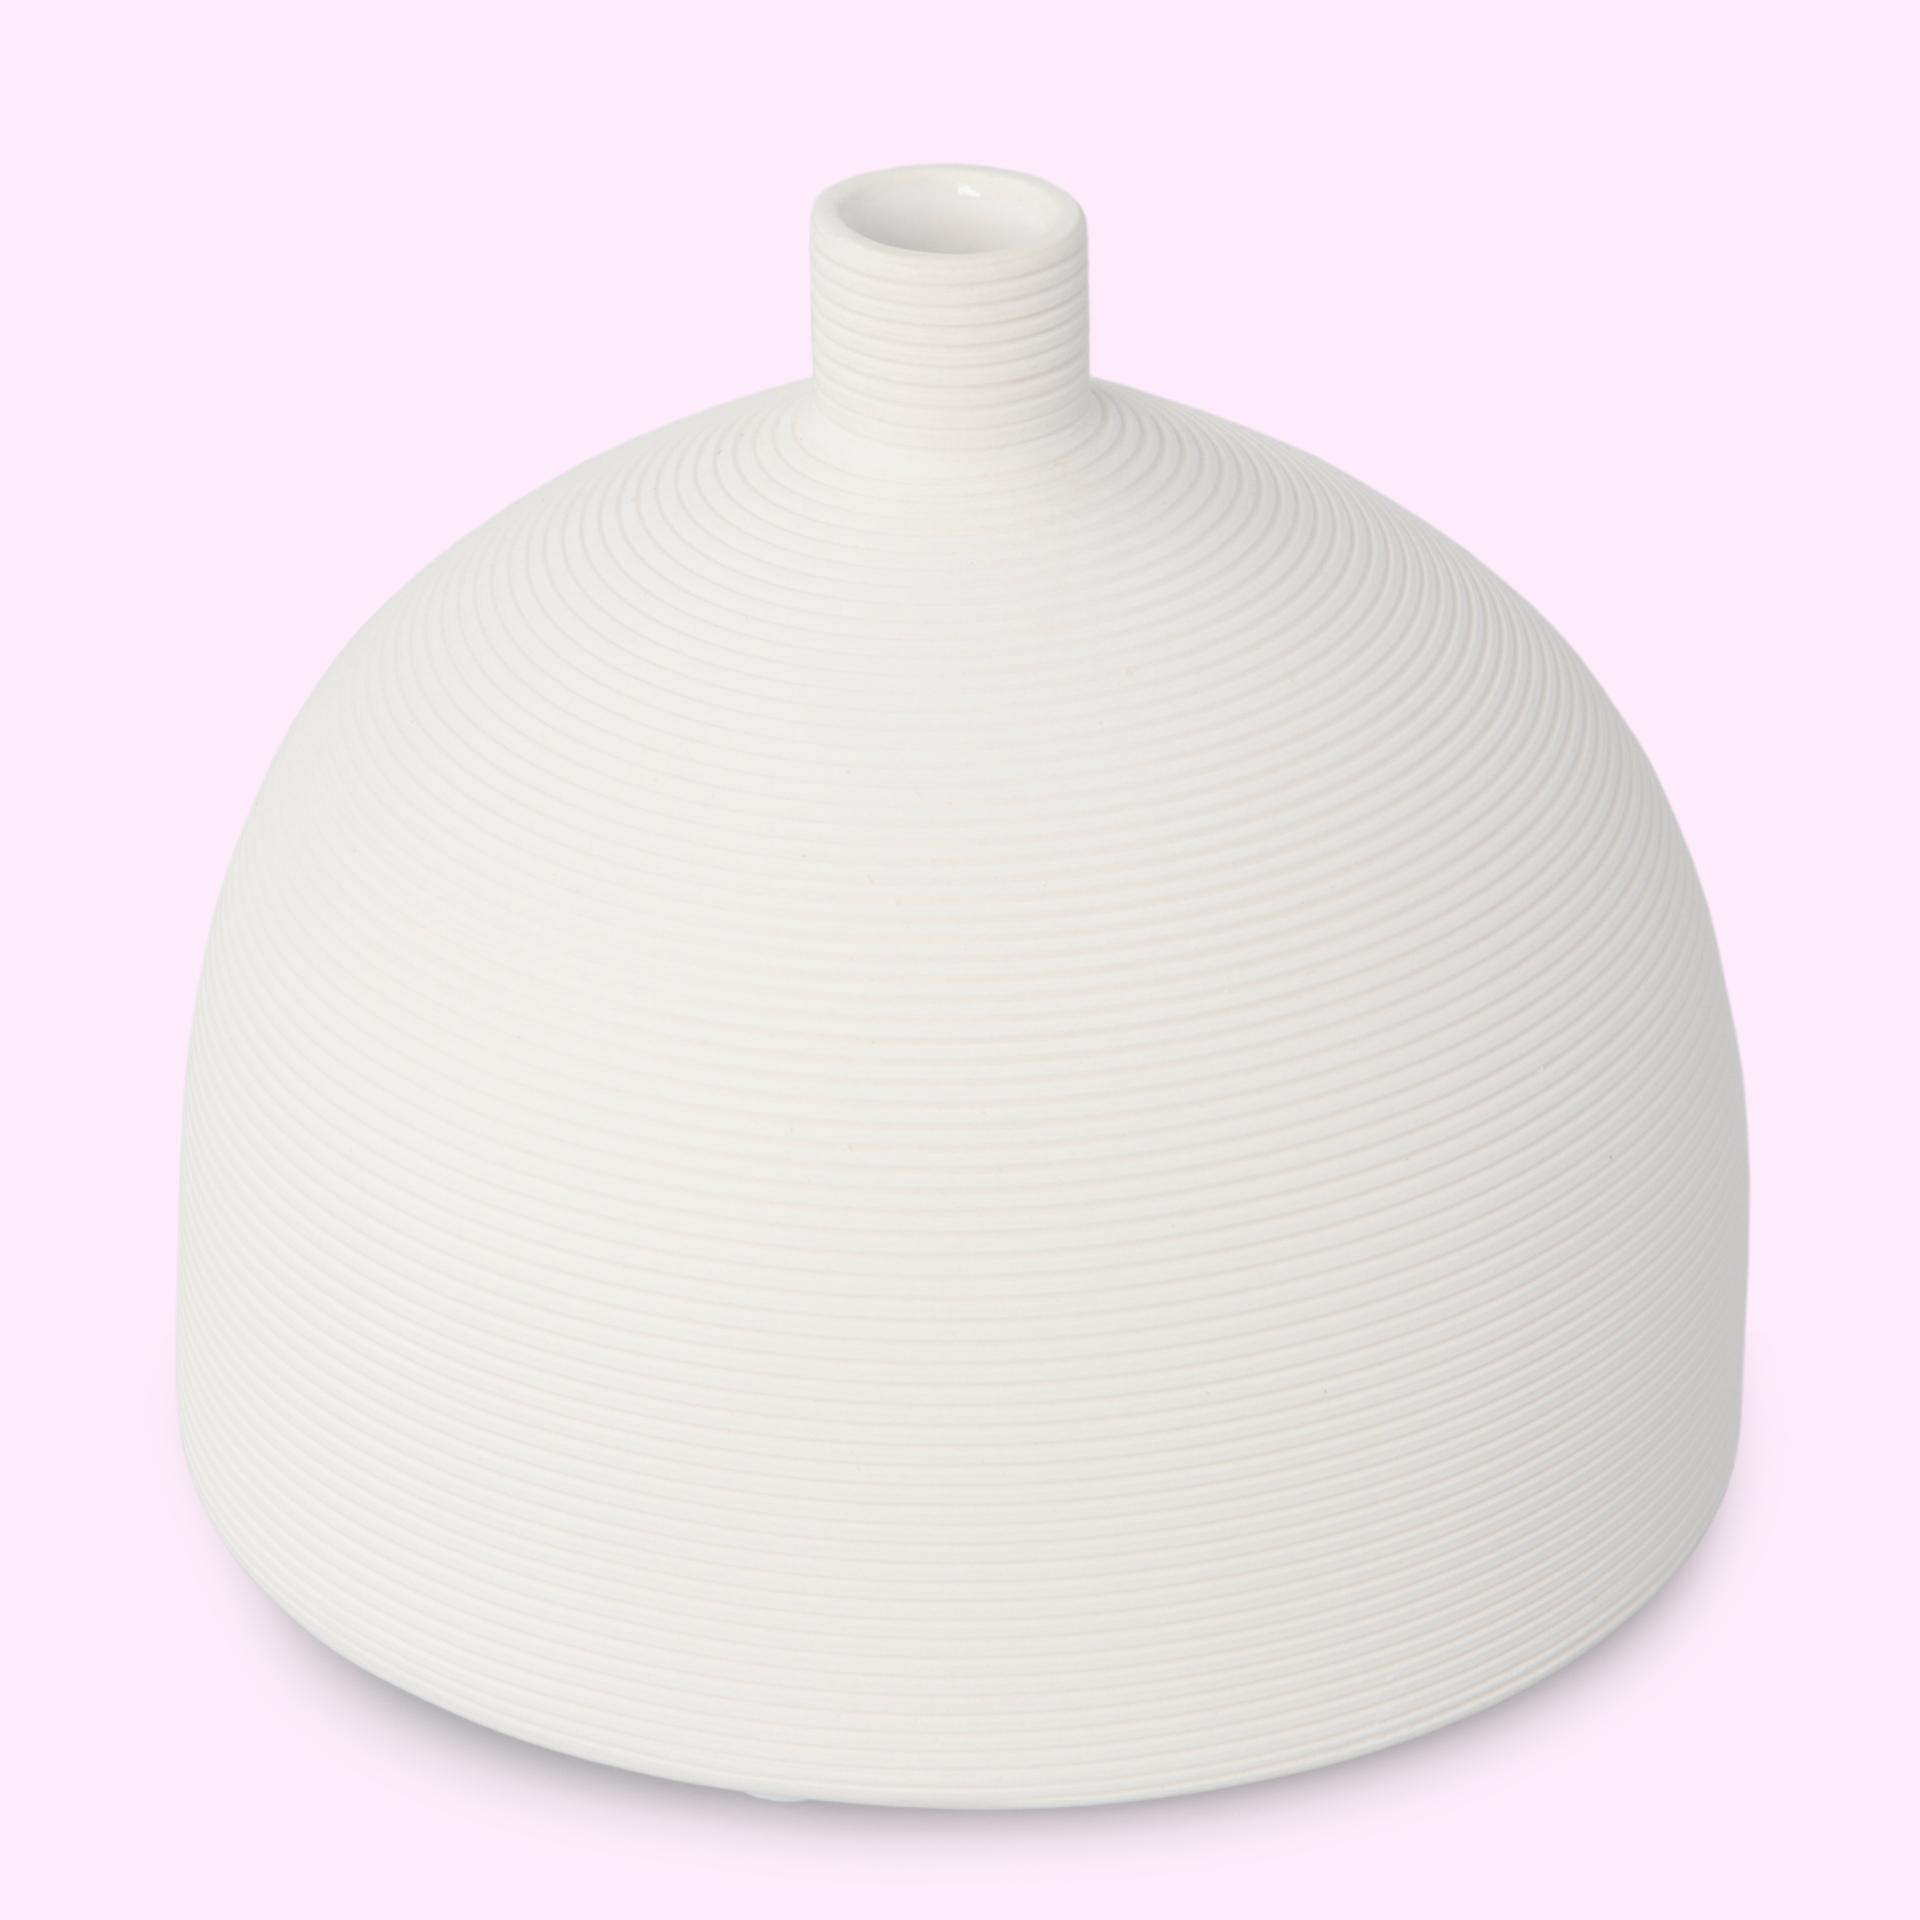 Porcelánová váza, reliéfní struktura